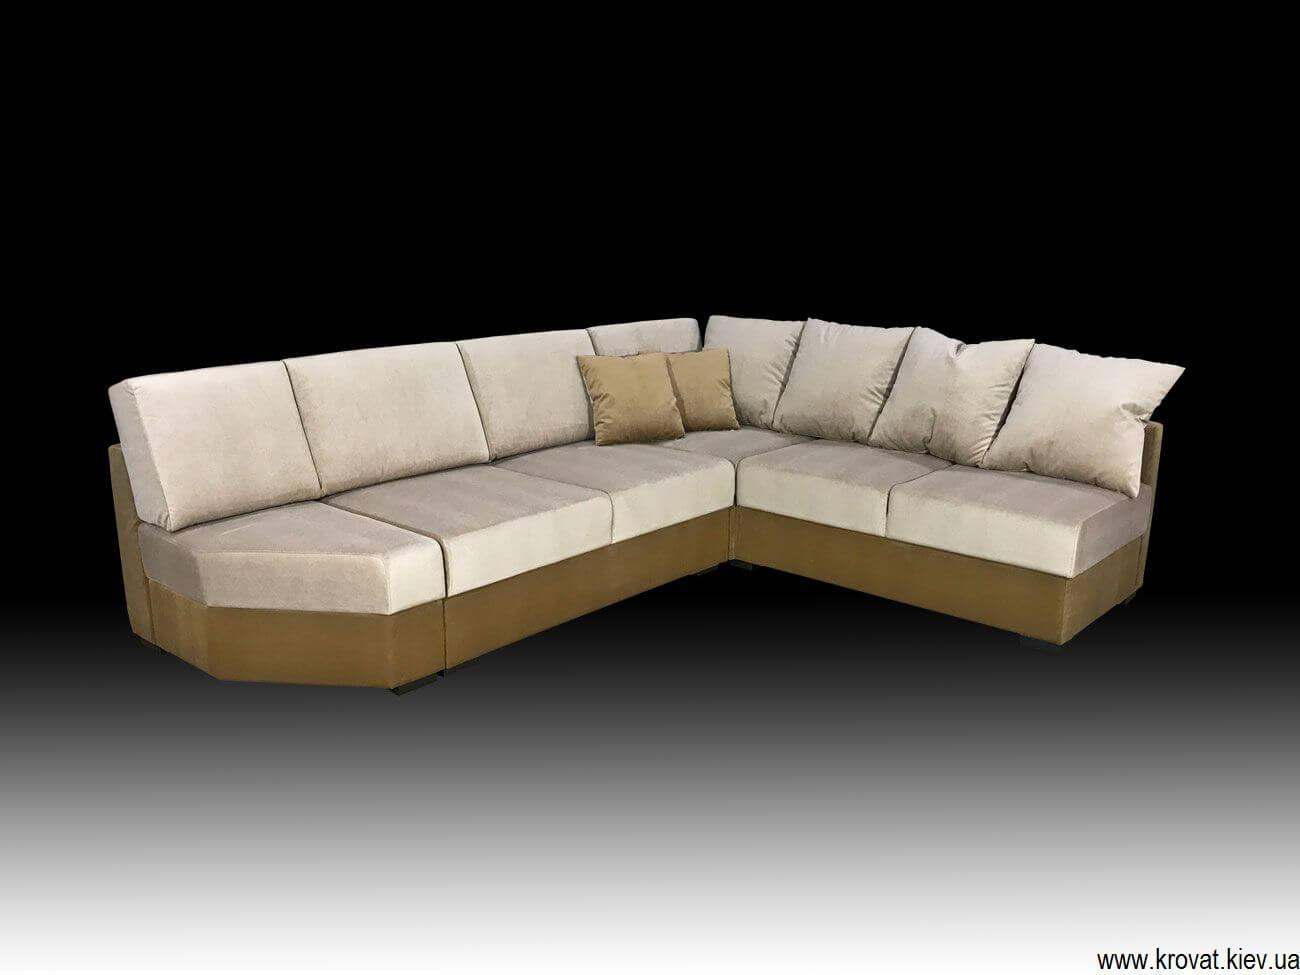 угловой диван в ткани пони флок